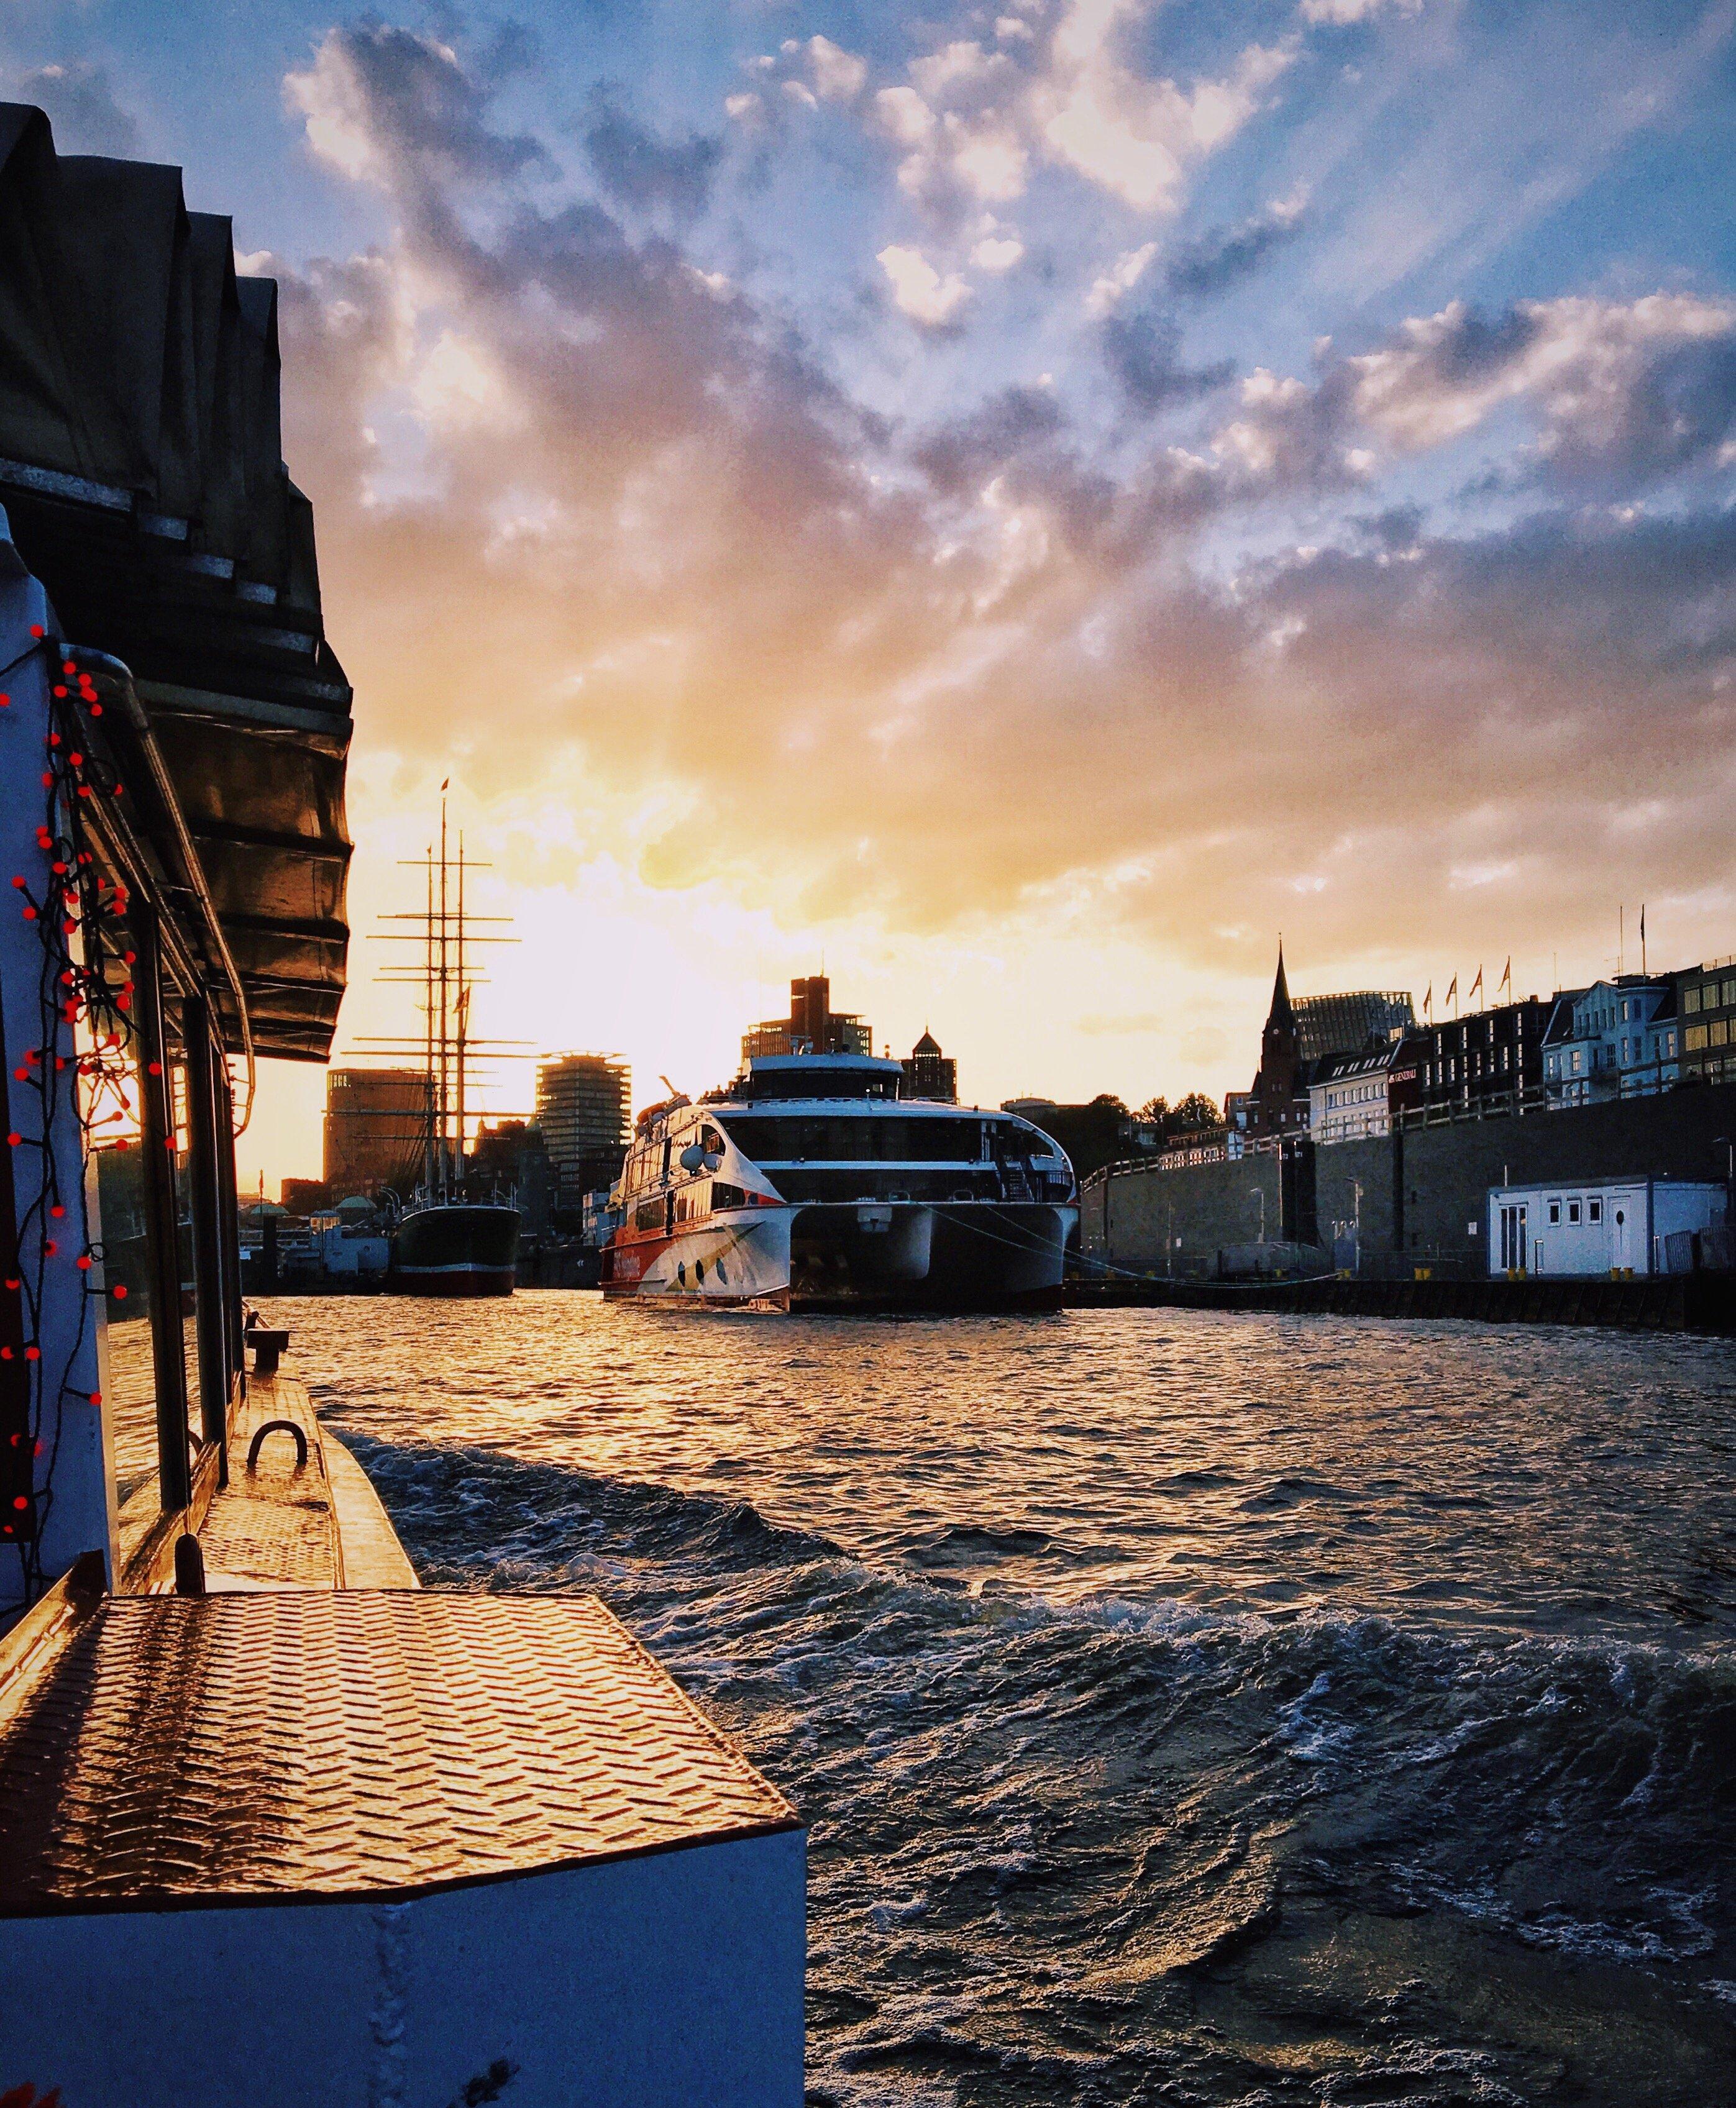 Urlaubsfeeling: auf Frau Hedi durch den Hafen mit Frau Elbville Staycation Hamburg